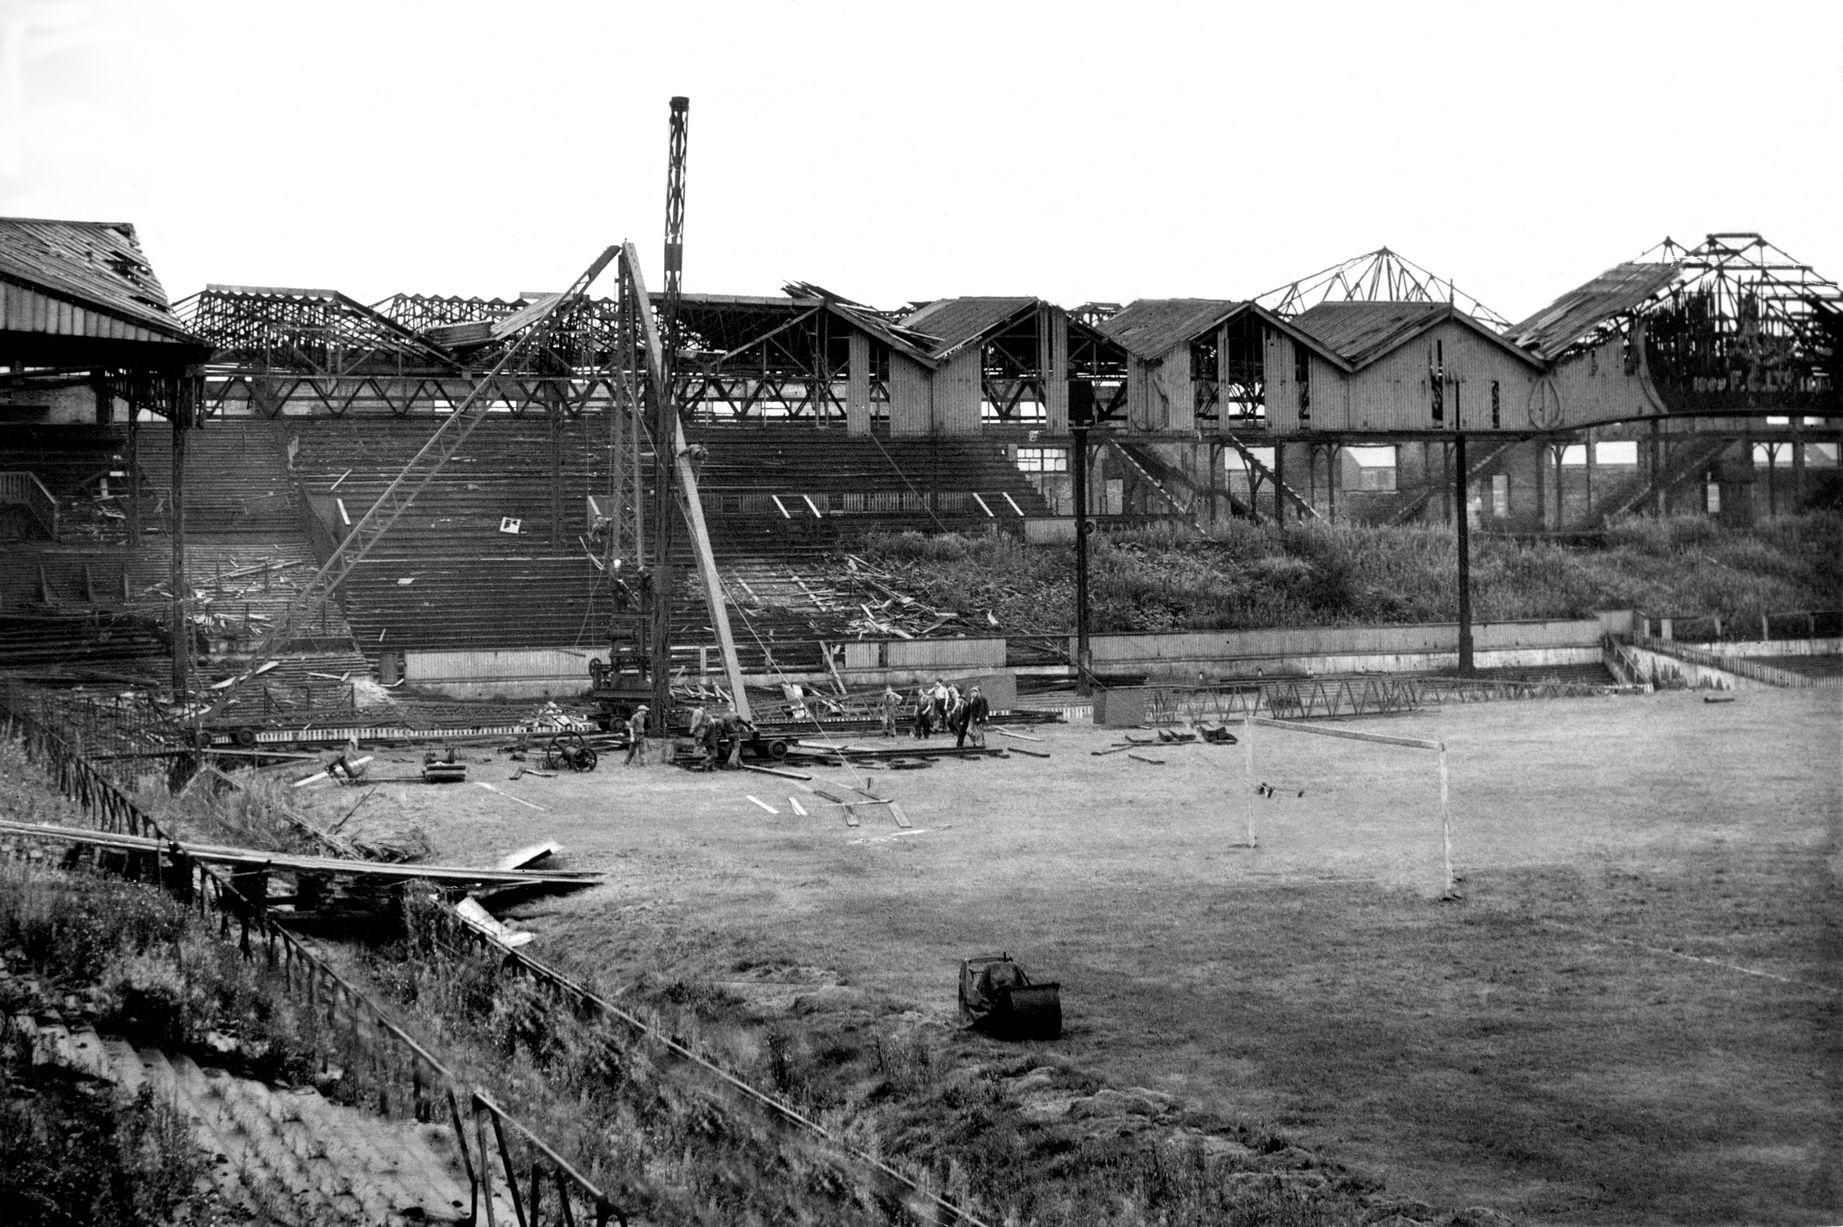 1945: Бомба повредила стадион. Снимок сделан после окончания Второй мировой войны.